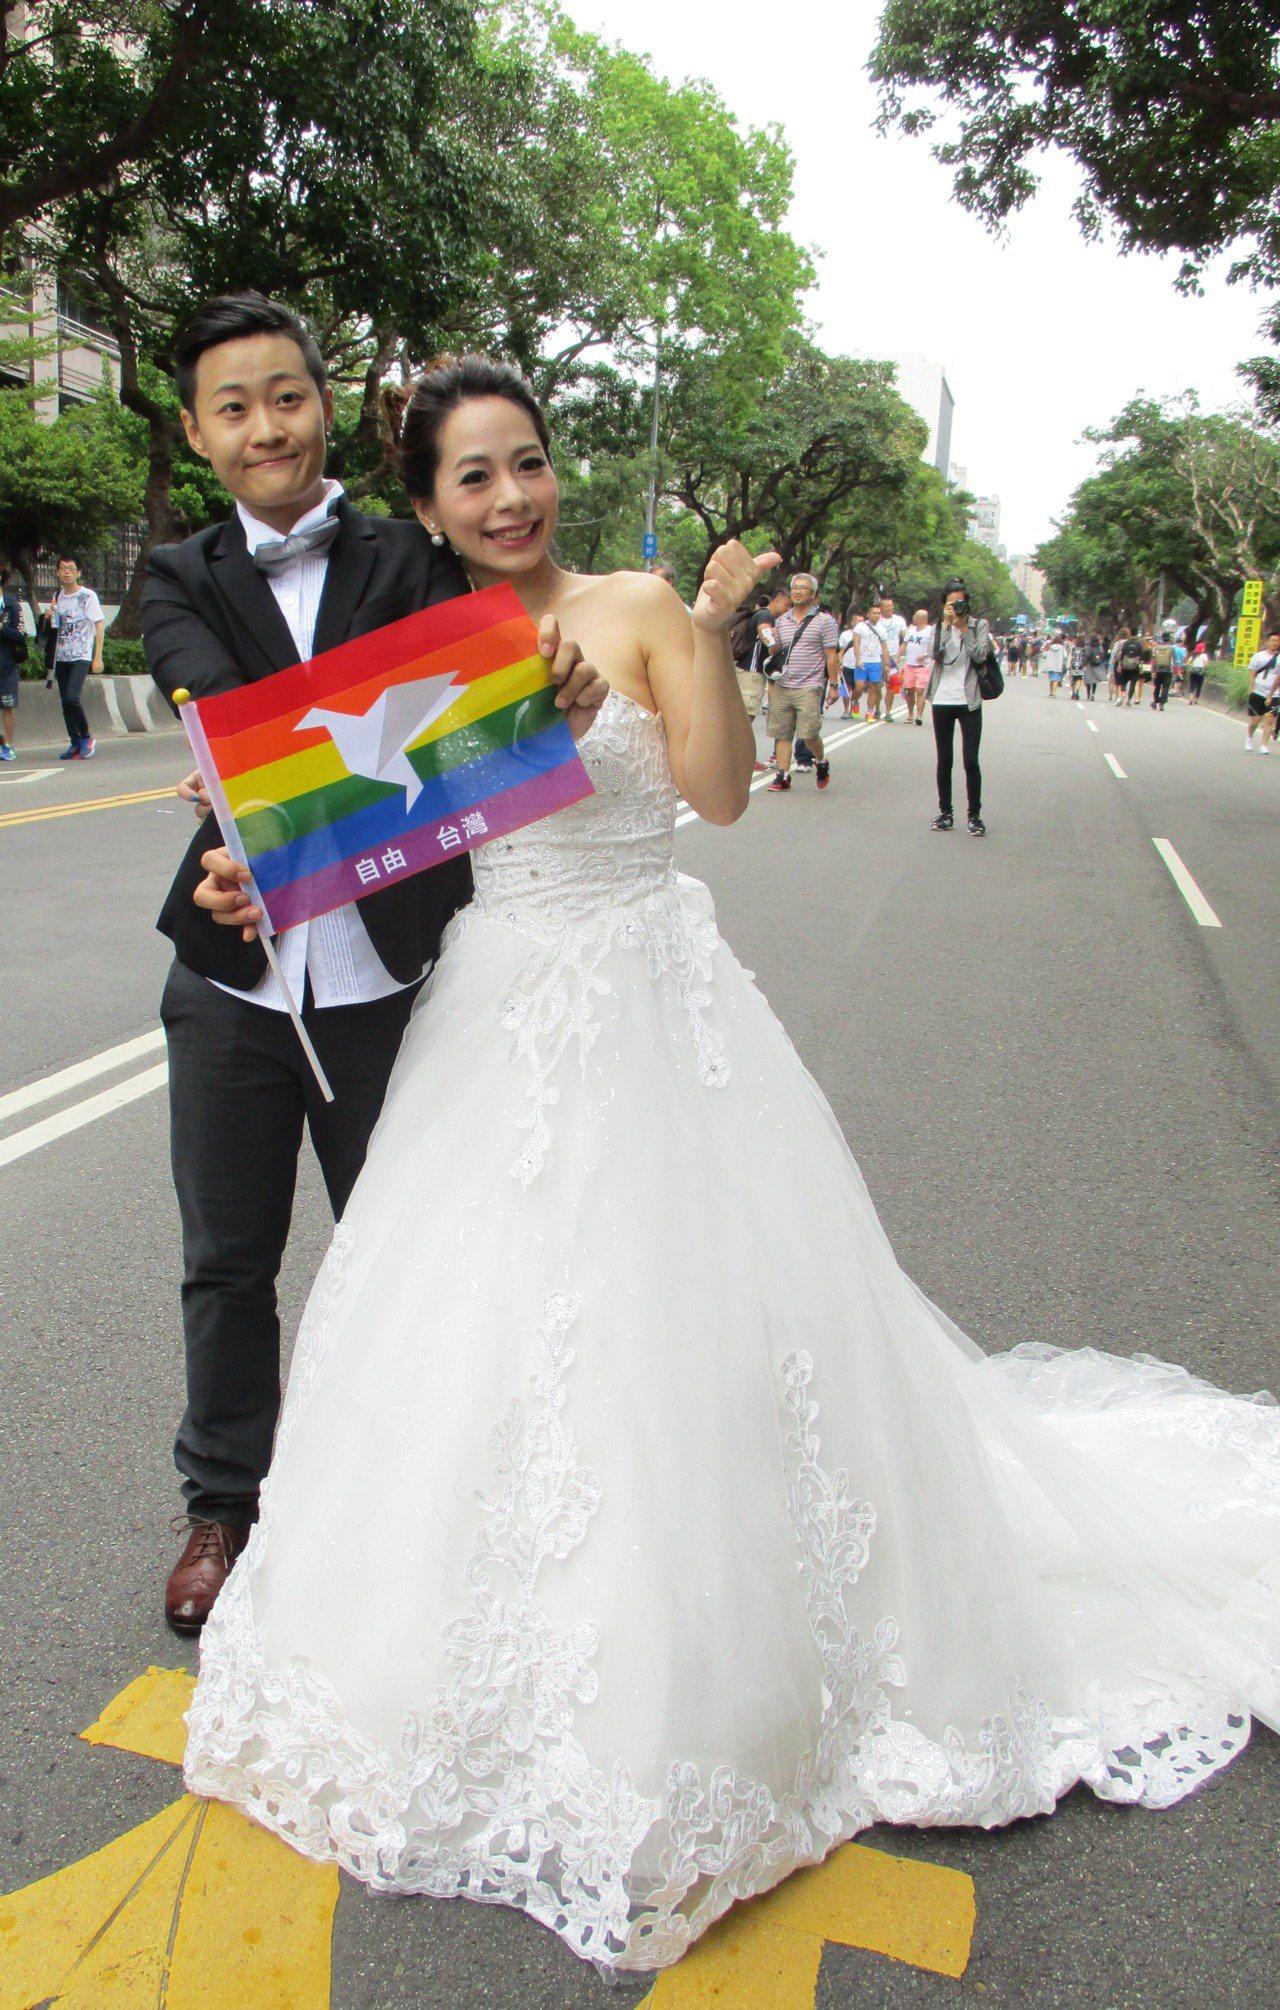 去年的同志大遊行,一對情侶預演婚禮。 本報資料照